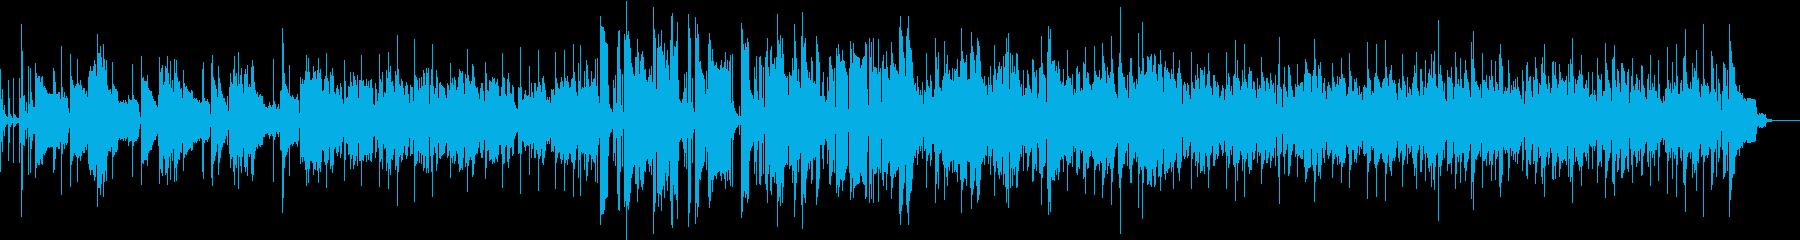 Saxソロの曲の再生済みの波形